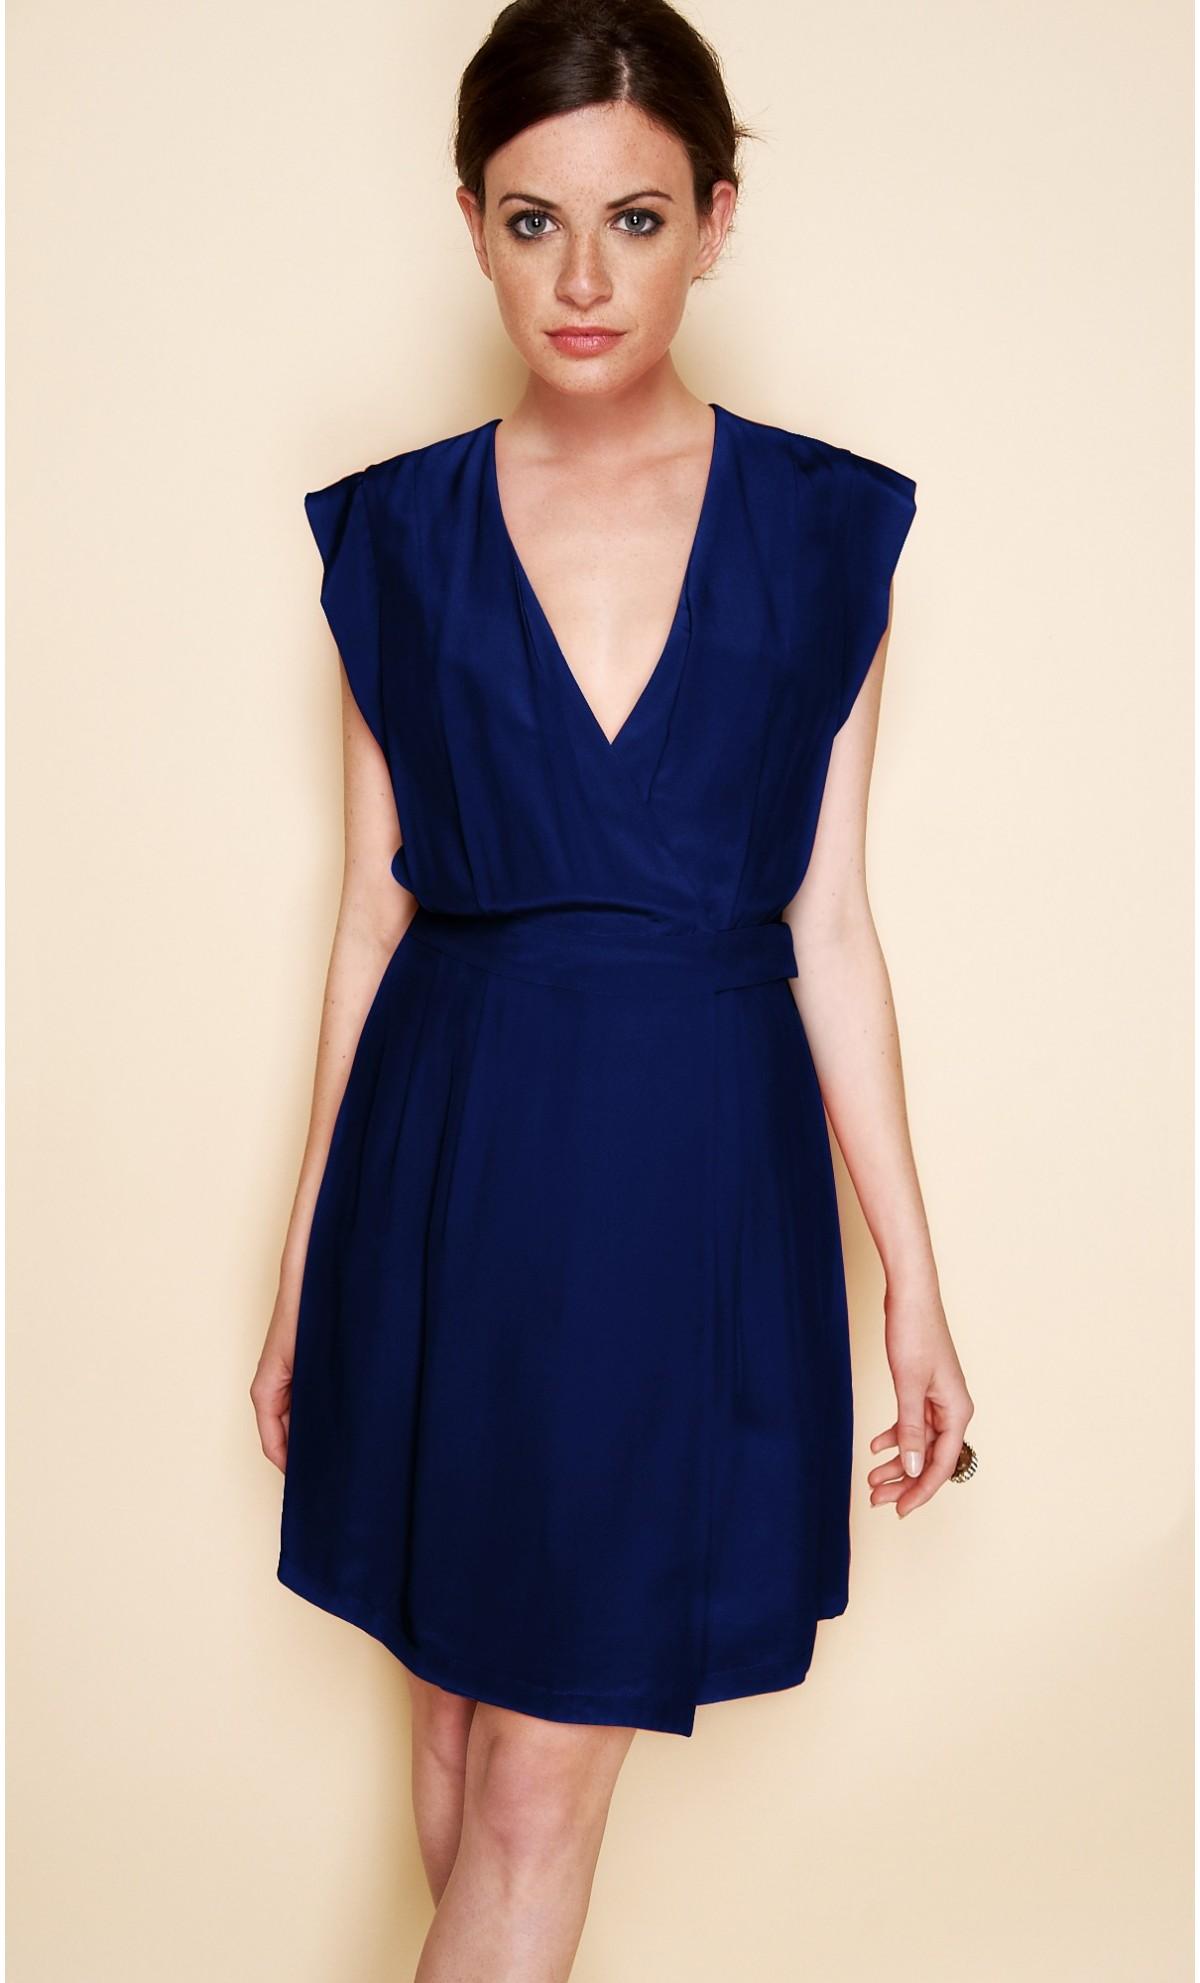 quels bijoux pour une robe bleue magazine f minin. Black Bedroom Furniture Sets. Home Design Ideas